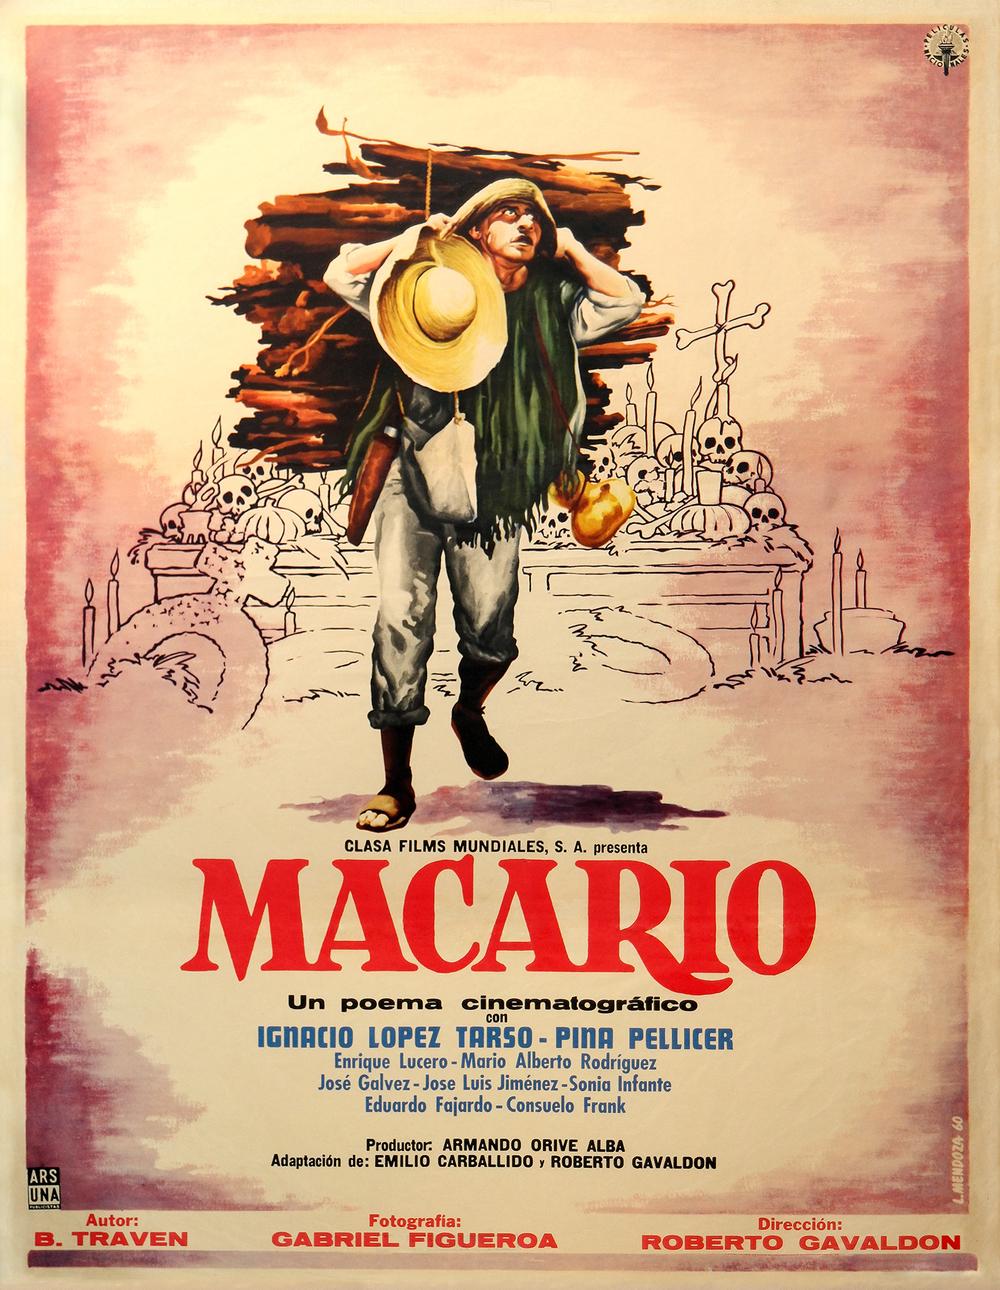 4_Poster Macario.jpg